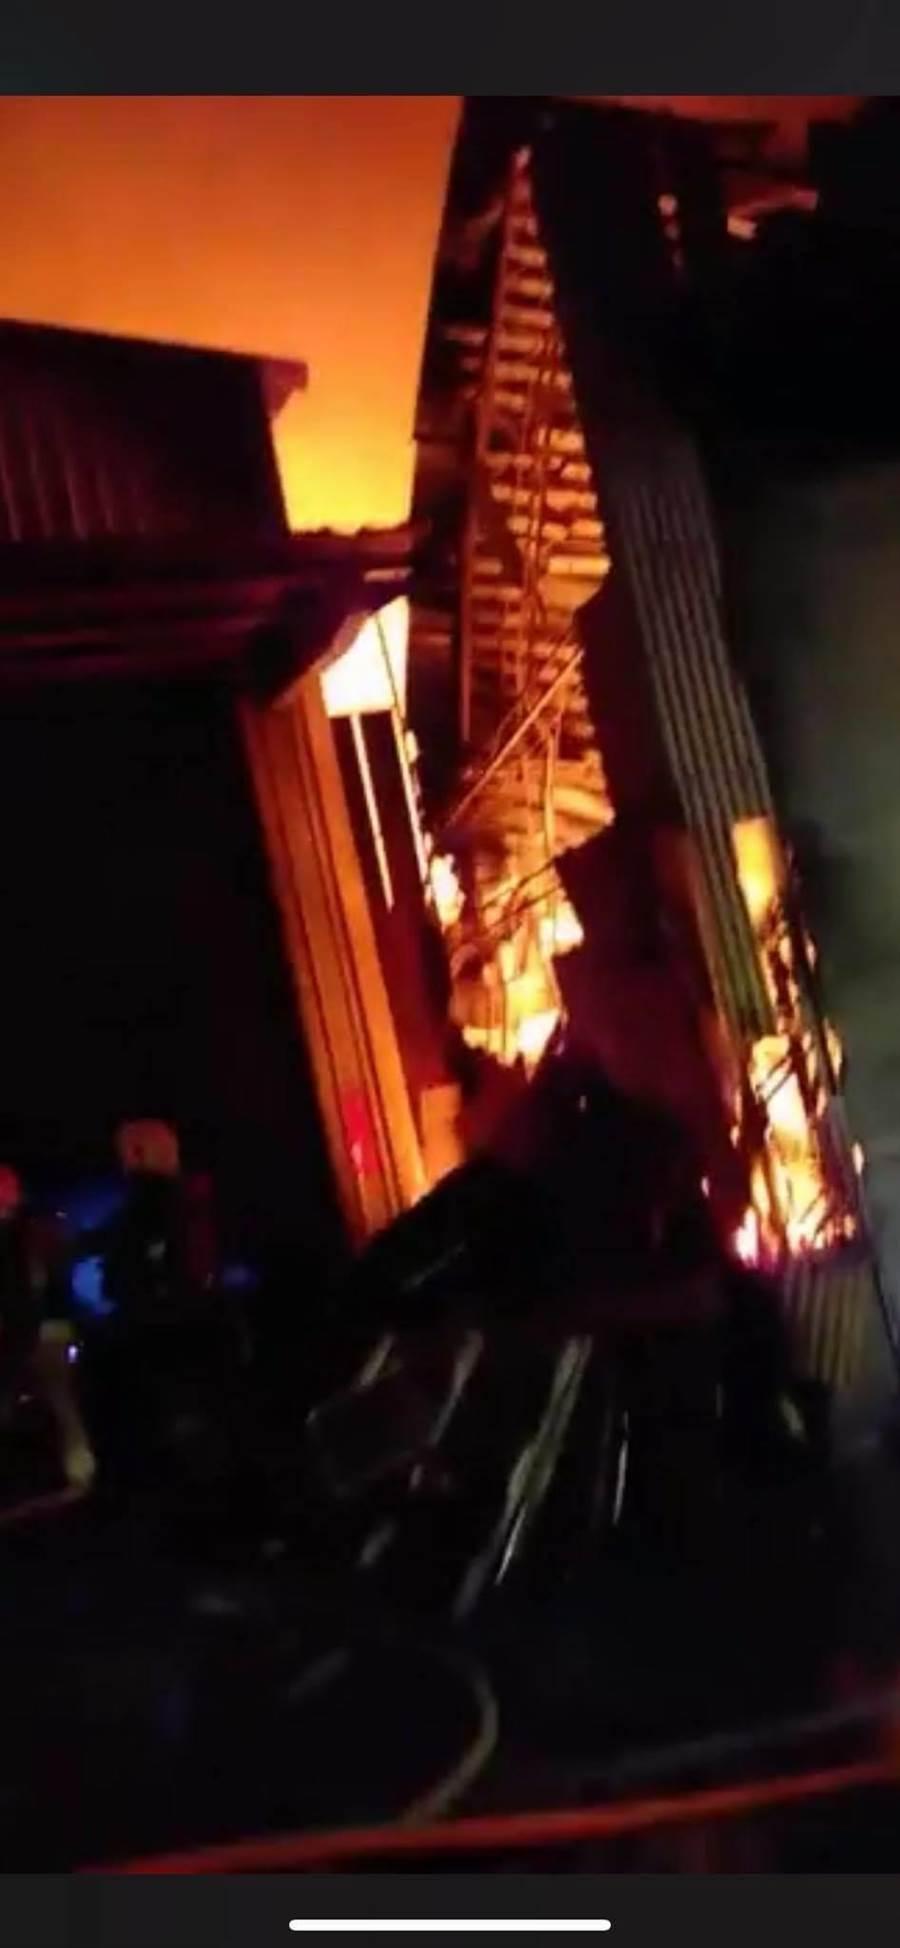 新北市泰山區中港南路某紙製品鐵皮工廠今(24日)凌晨1時許發生火警。(翻攝照片/賴彥竹新北傳真)